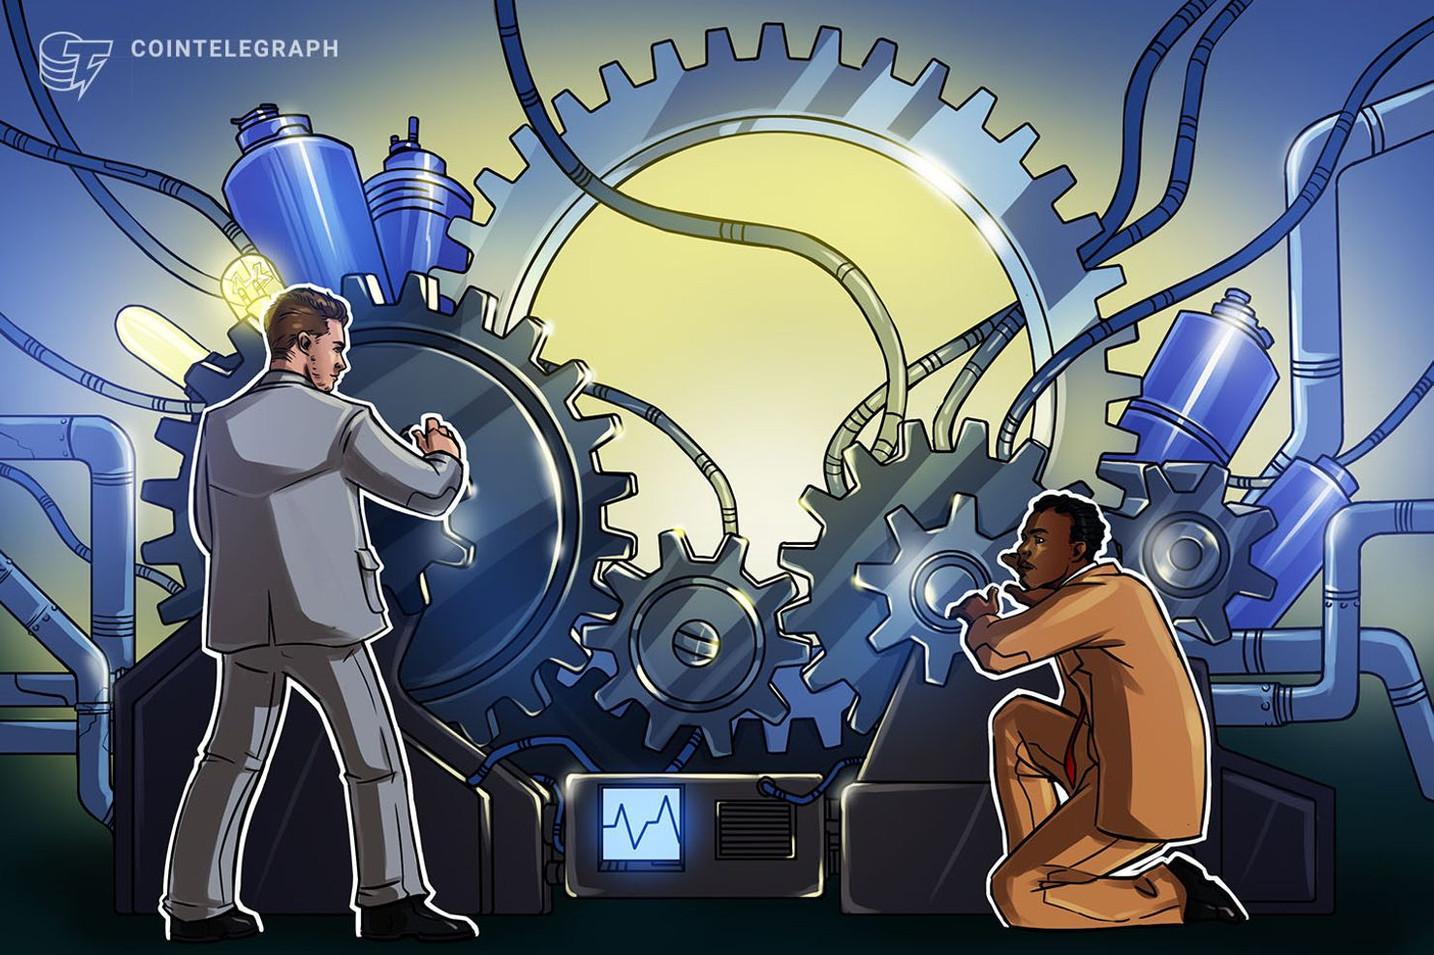 大手商社の丸紅、鋼管製品のトレーサビリティにブロックチェーン活用へ